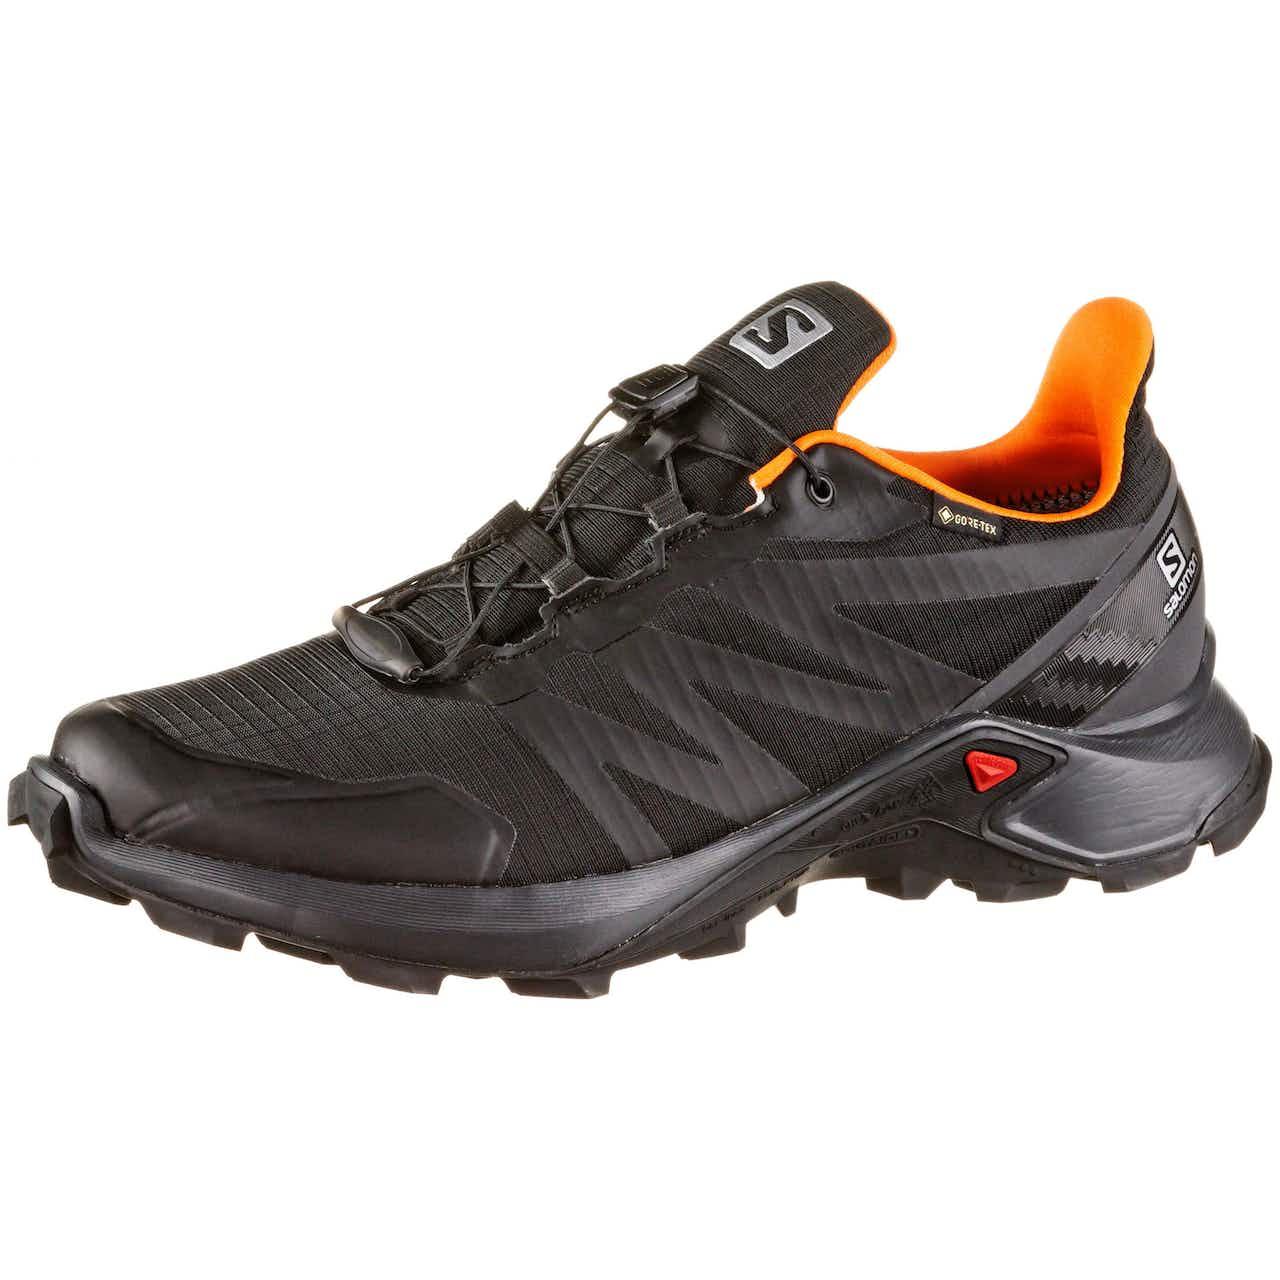 Salomon Supercross Trailrunning Schuhe Herren